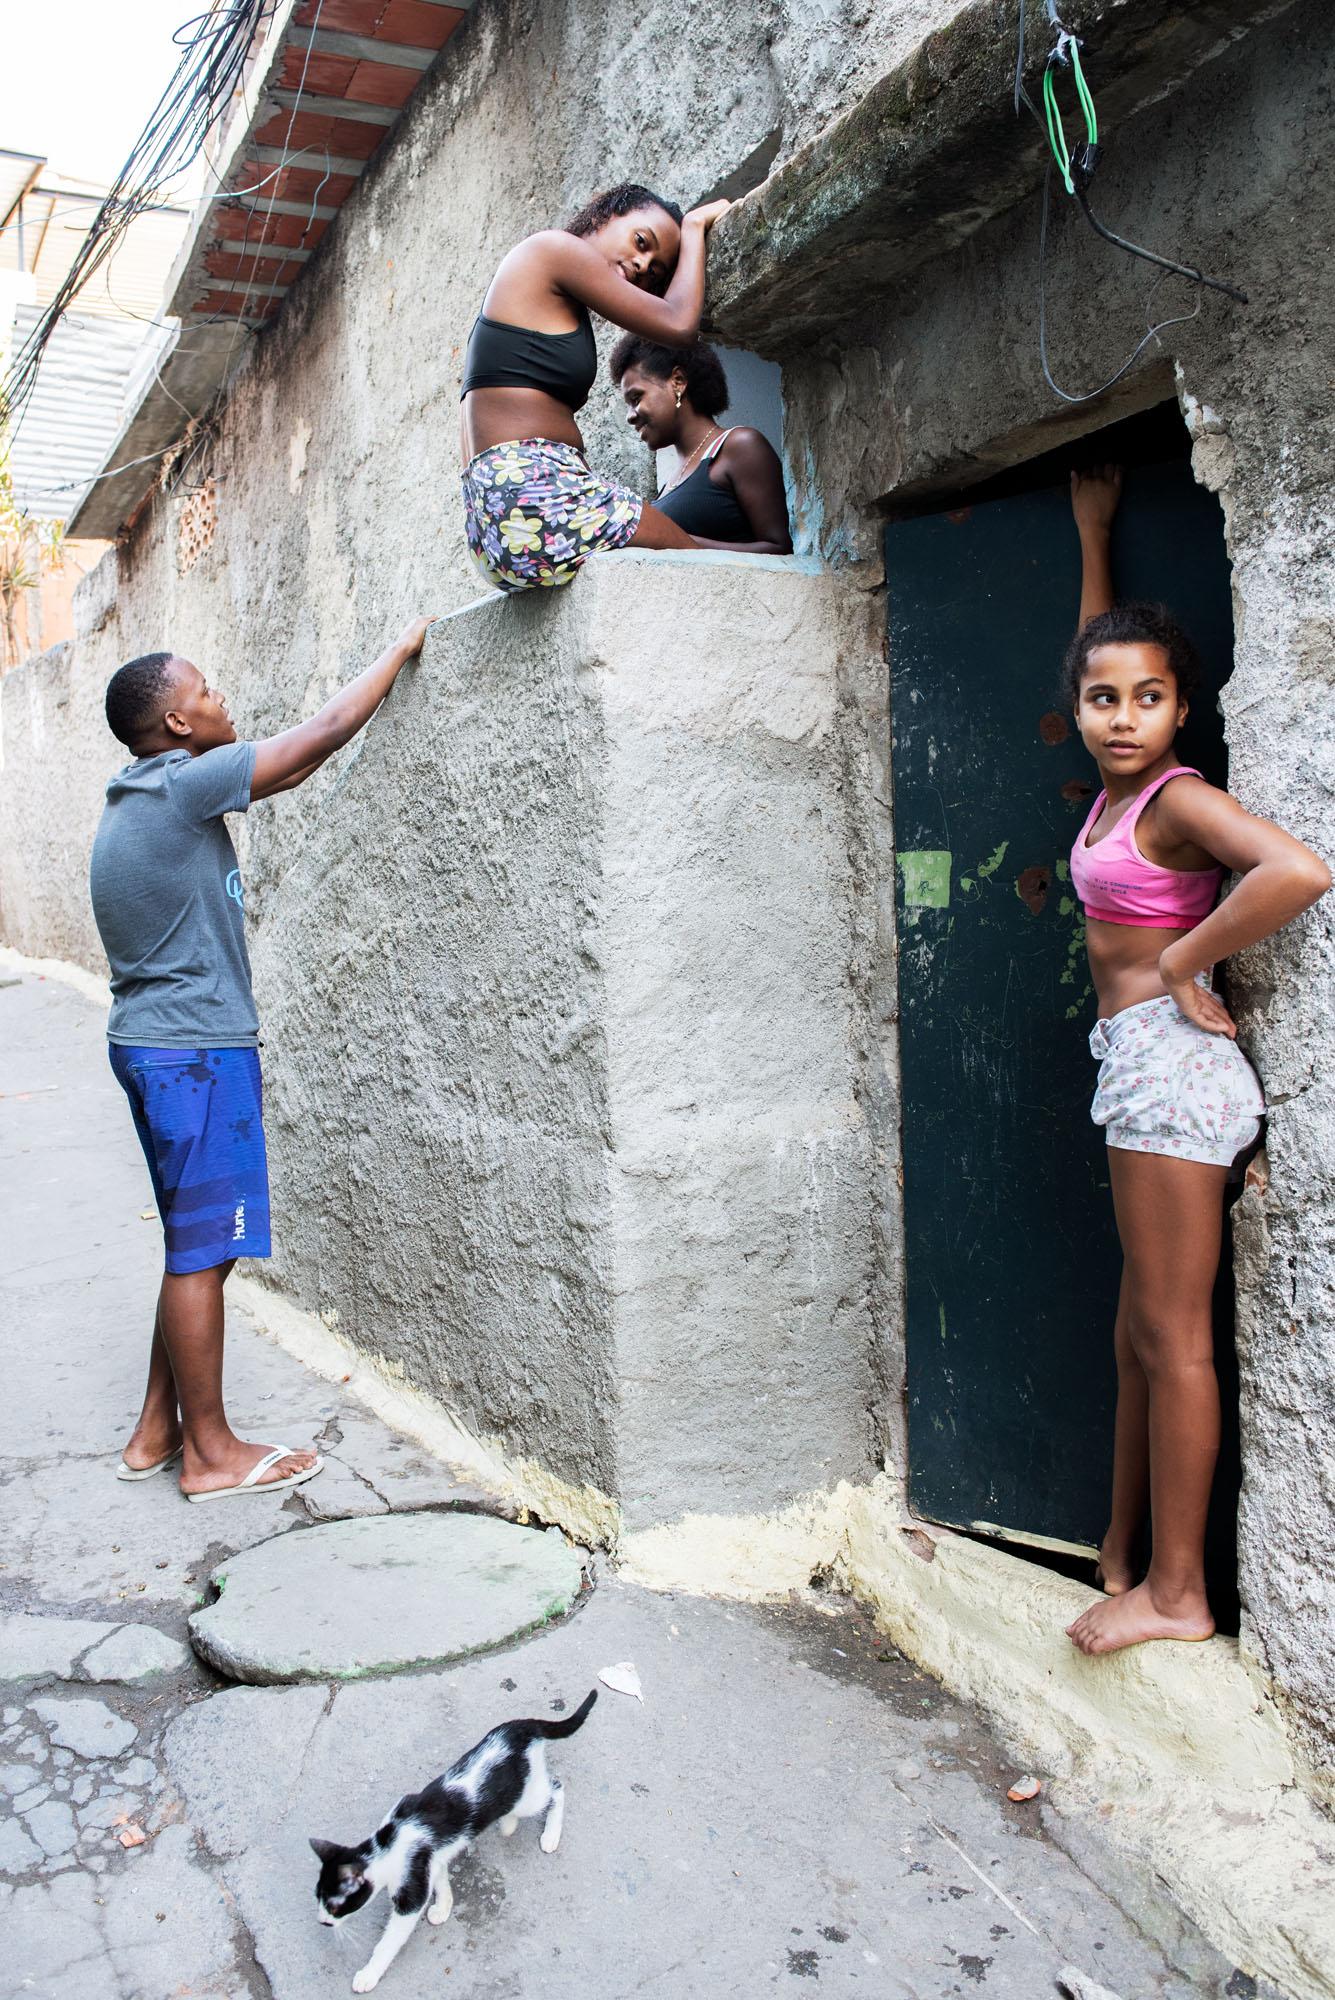 Sabine van Wechem - fotoreeks Fica Suave - Vila Cruzeiro favela - Rio de Janeiro - kinderen op straat